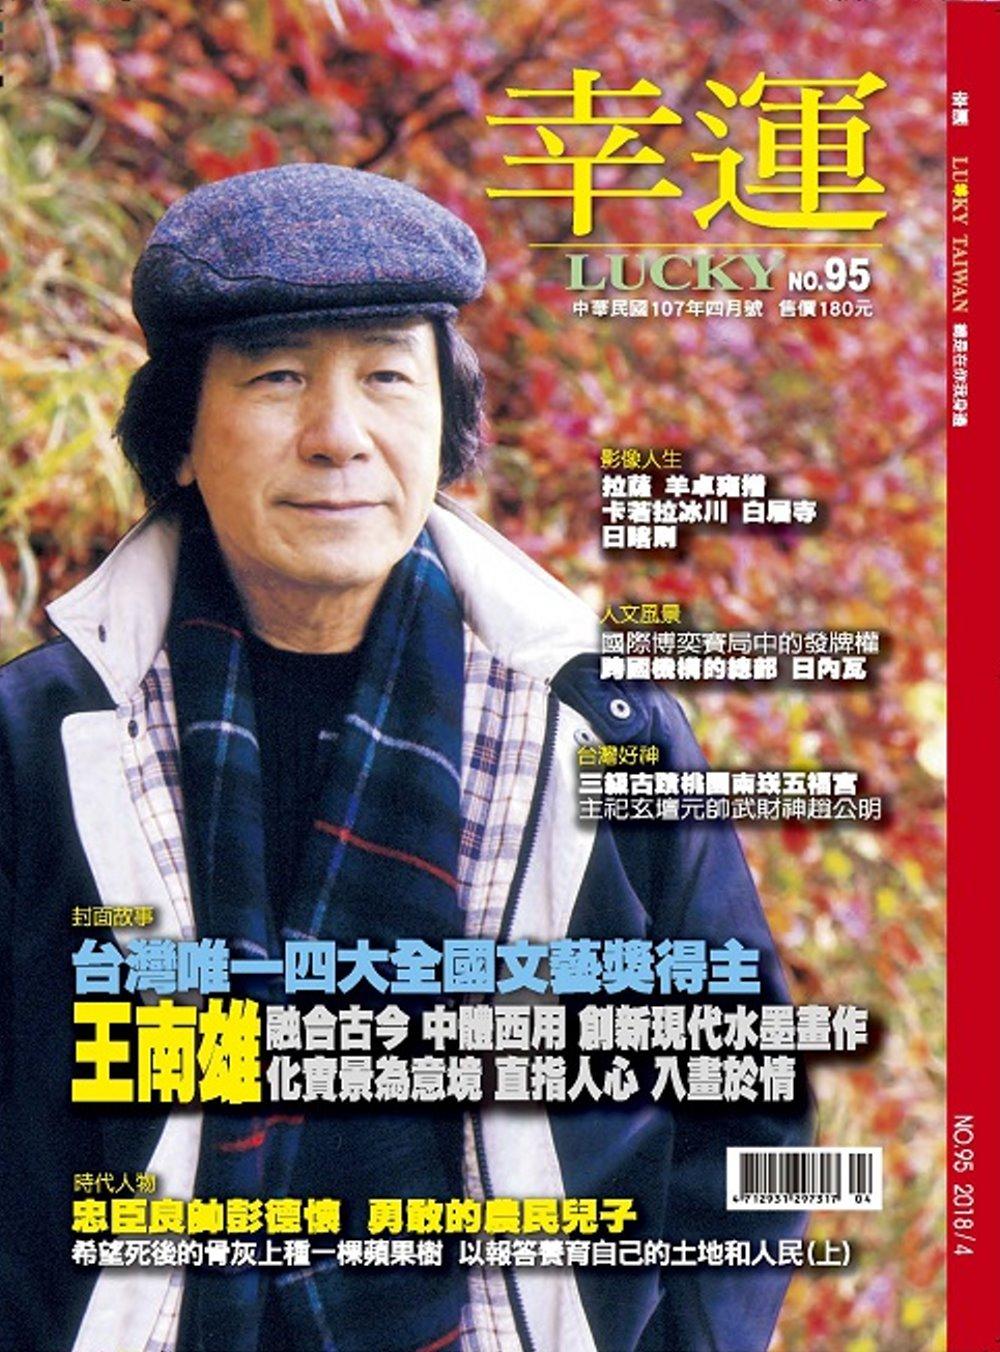 Lucky幸運雜誌 4月號/2018 第95期